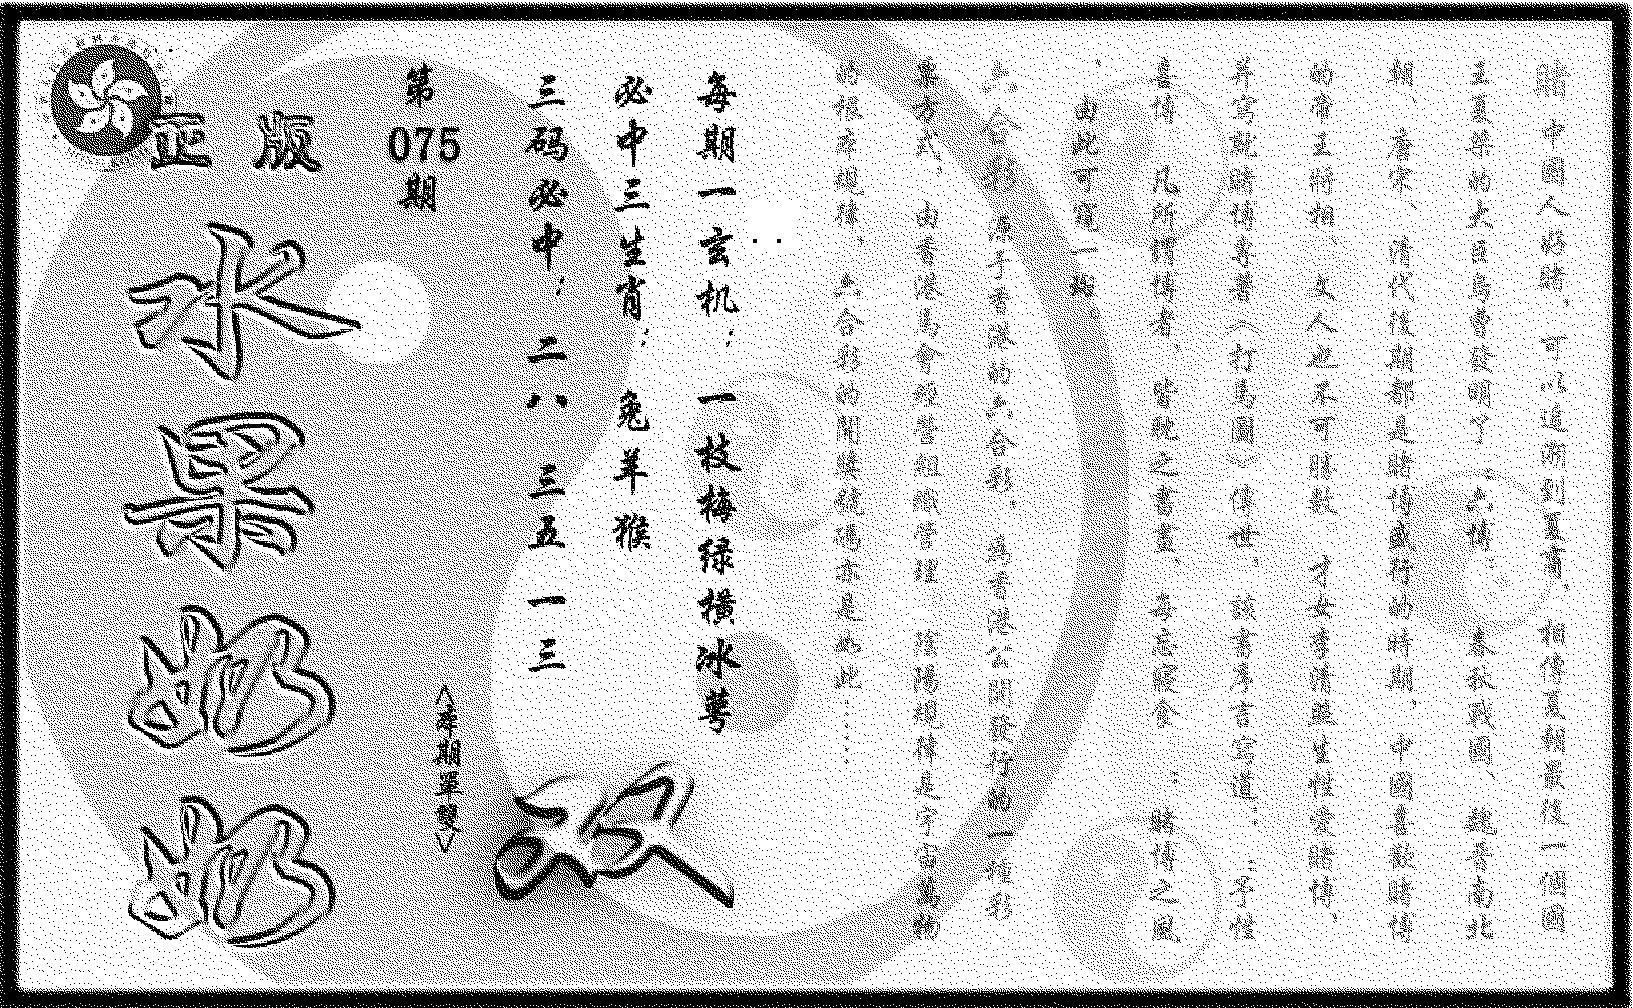 075期(九龙单双攻略)正版(黑白)